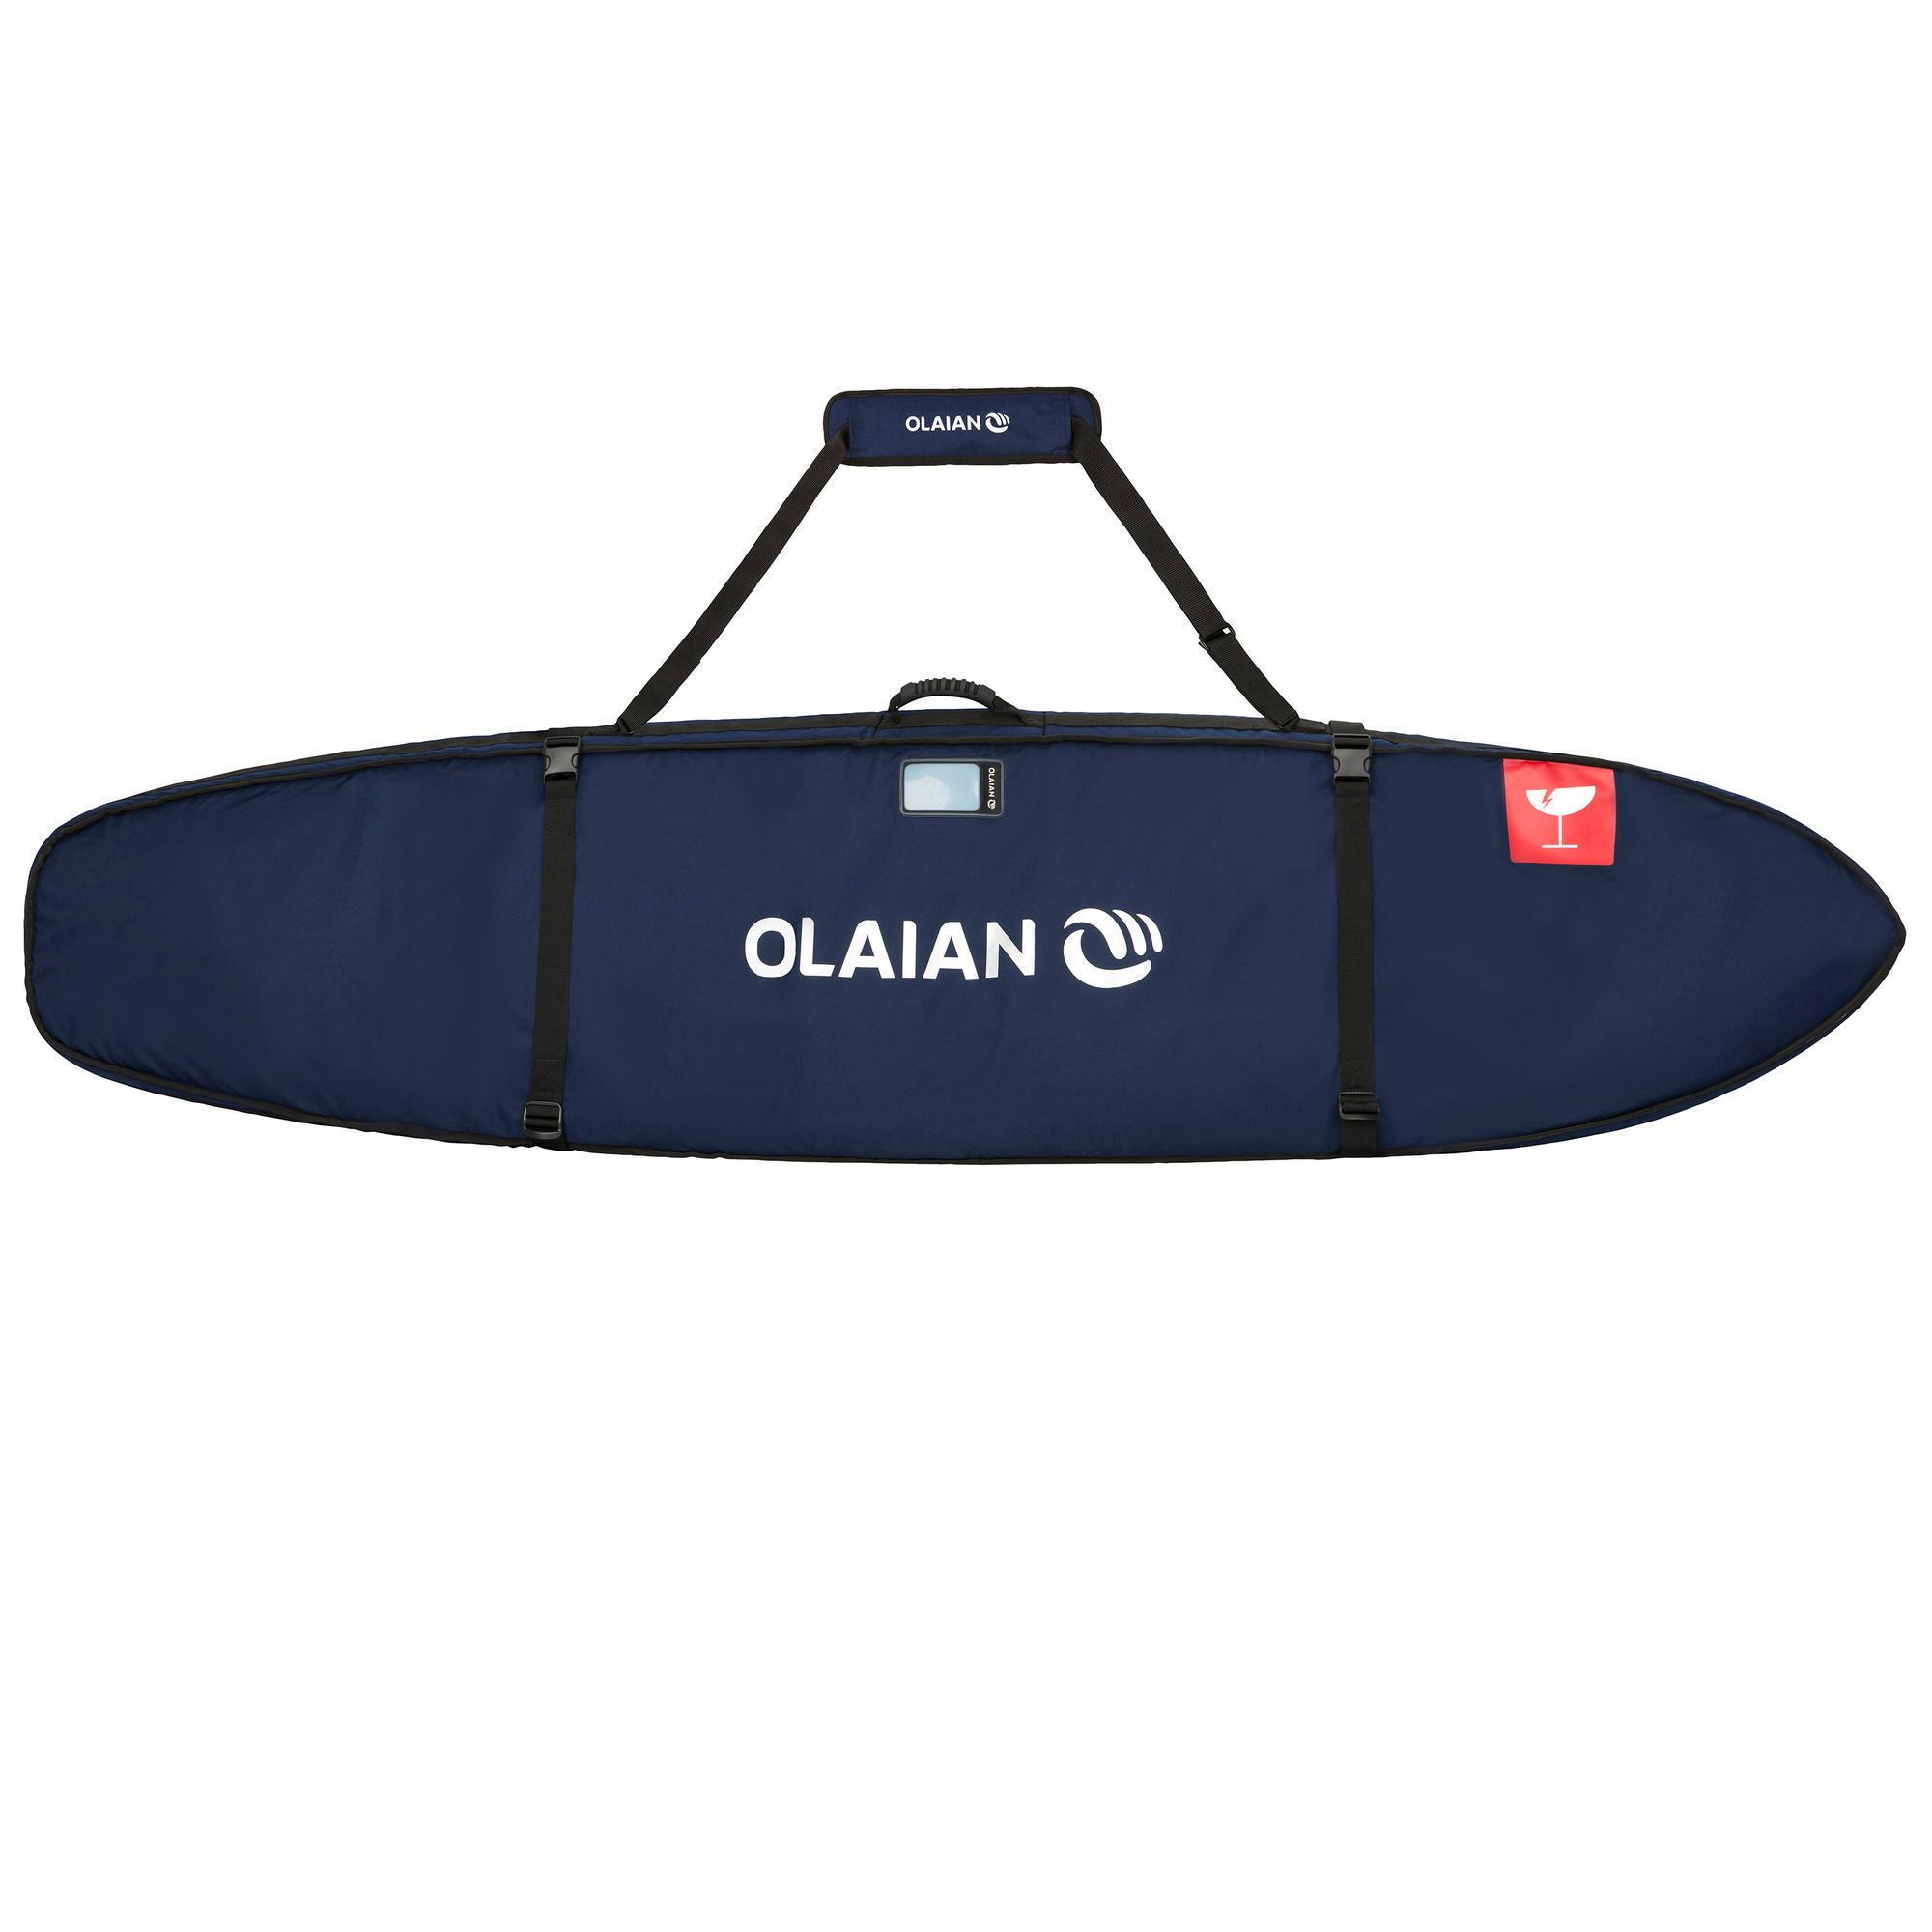 Olaian HOUSSE de Voyage 900 pour 2 surfs 7' - Olaian